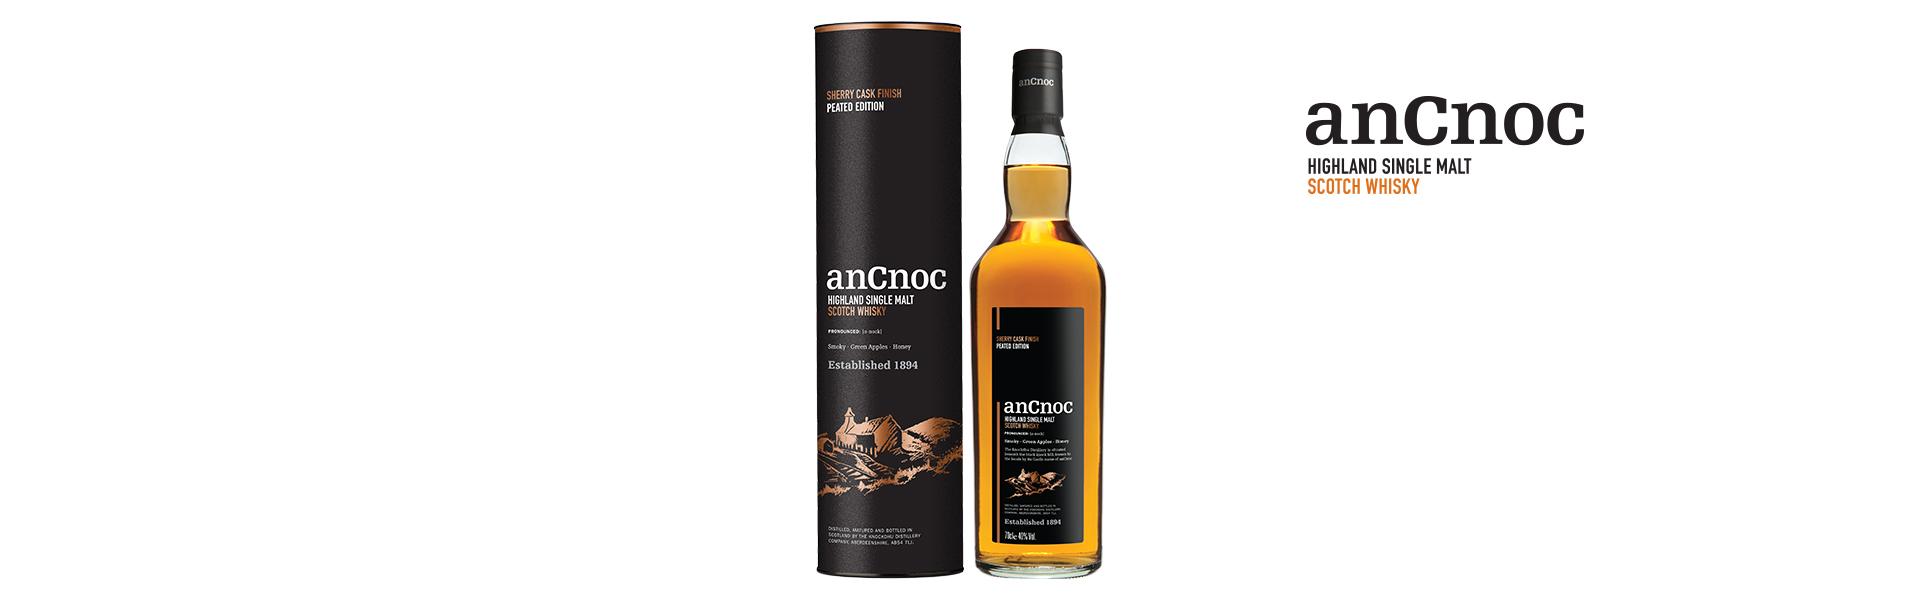 anCnoc släpper unik whisky med sherrytoner och distinkt rökighet – exklusivt för Sverige!